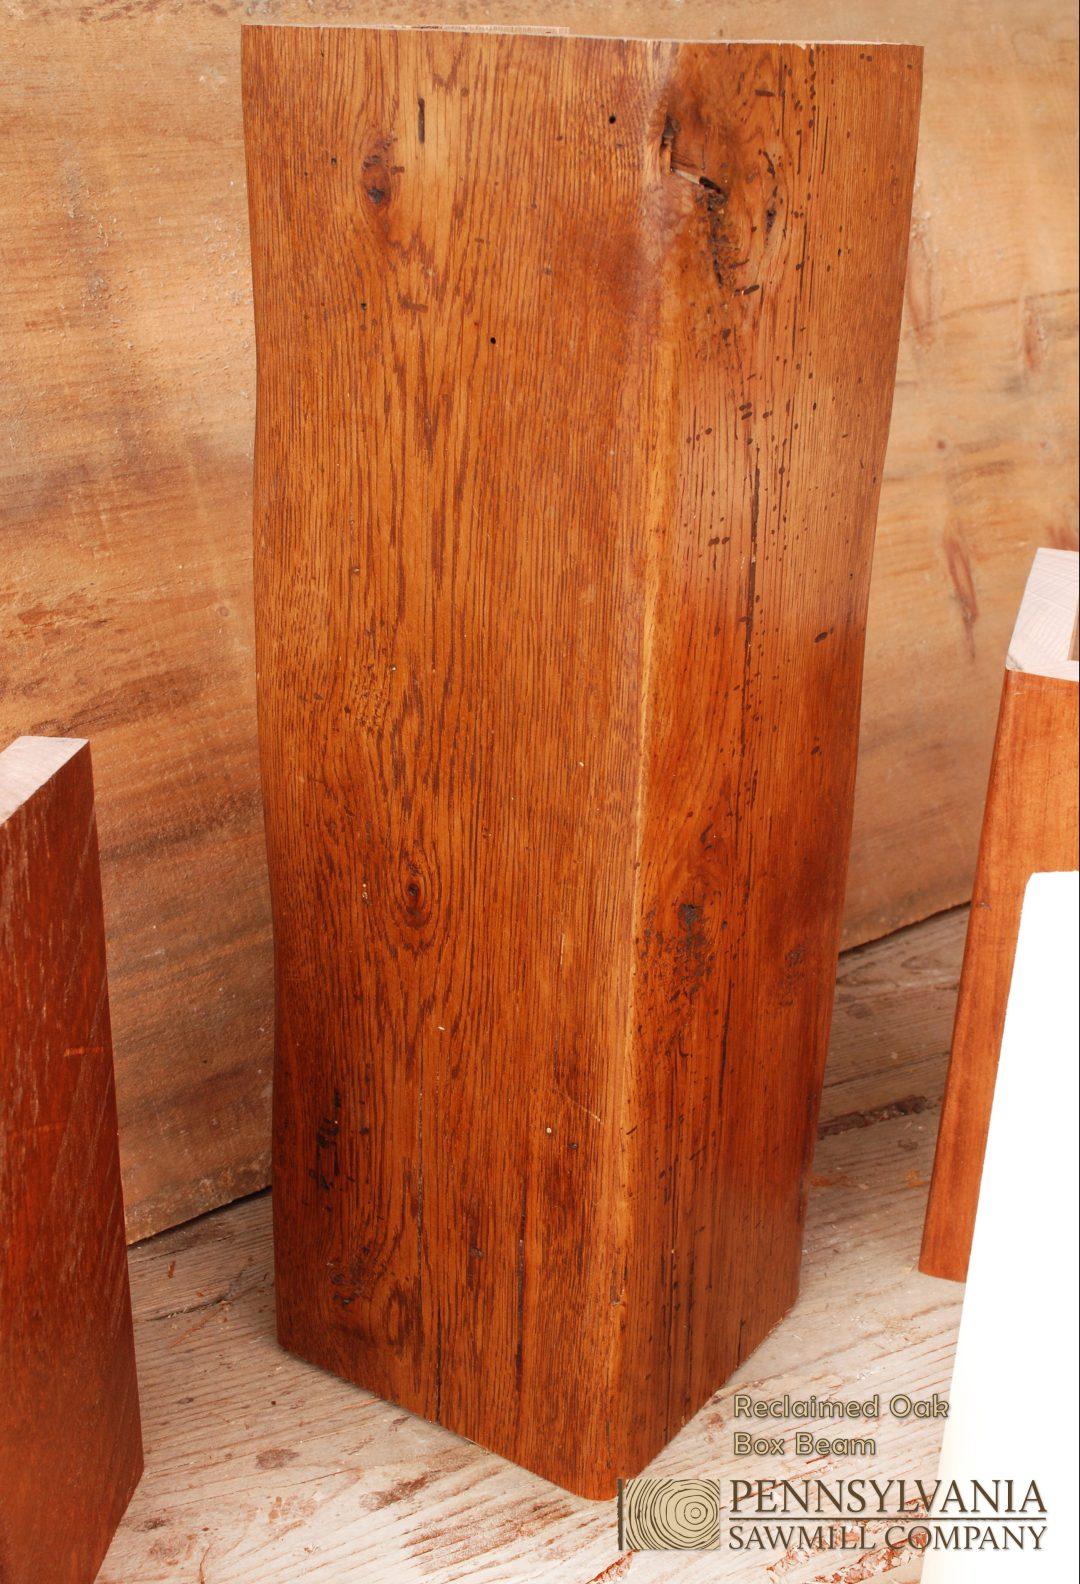 Reclaimed Oak Box Beam